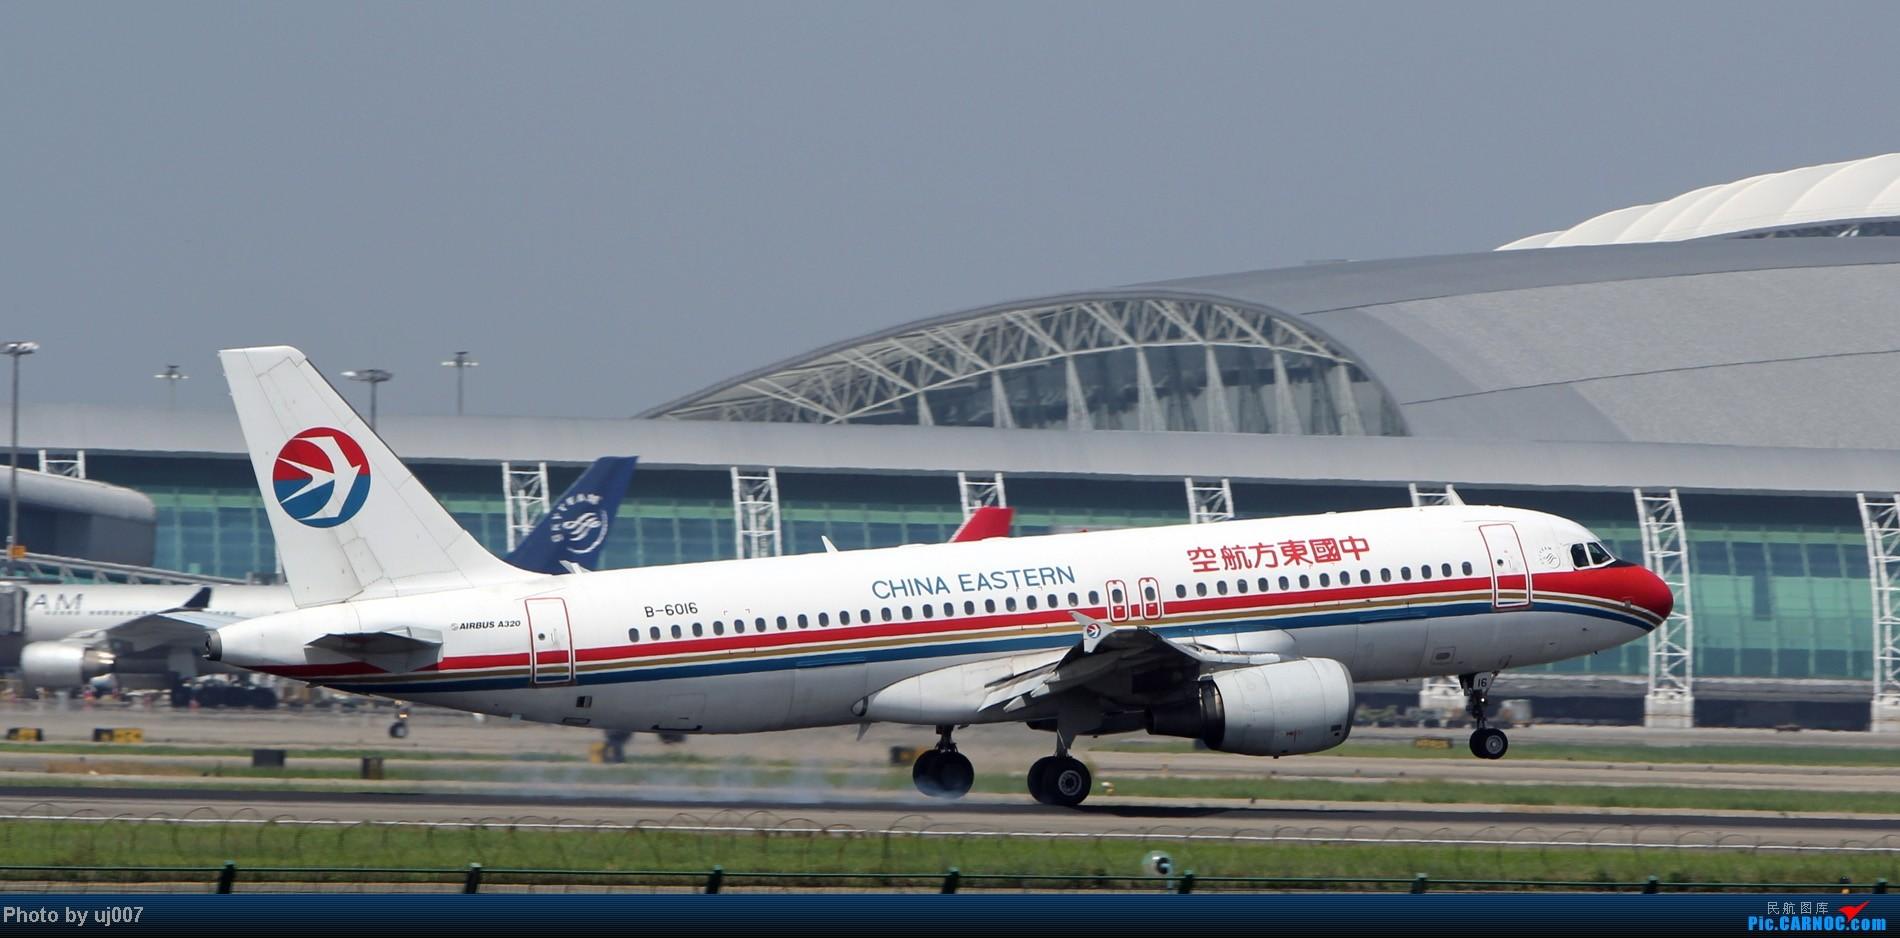 Re:[原创]10月2日白云拍机(大飞机,特别妆,外航,闪灯,擦烟)求指点. AIRBUS A320-200 B-6016 中国广州白云机场